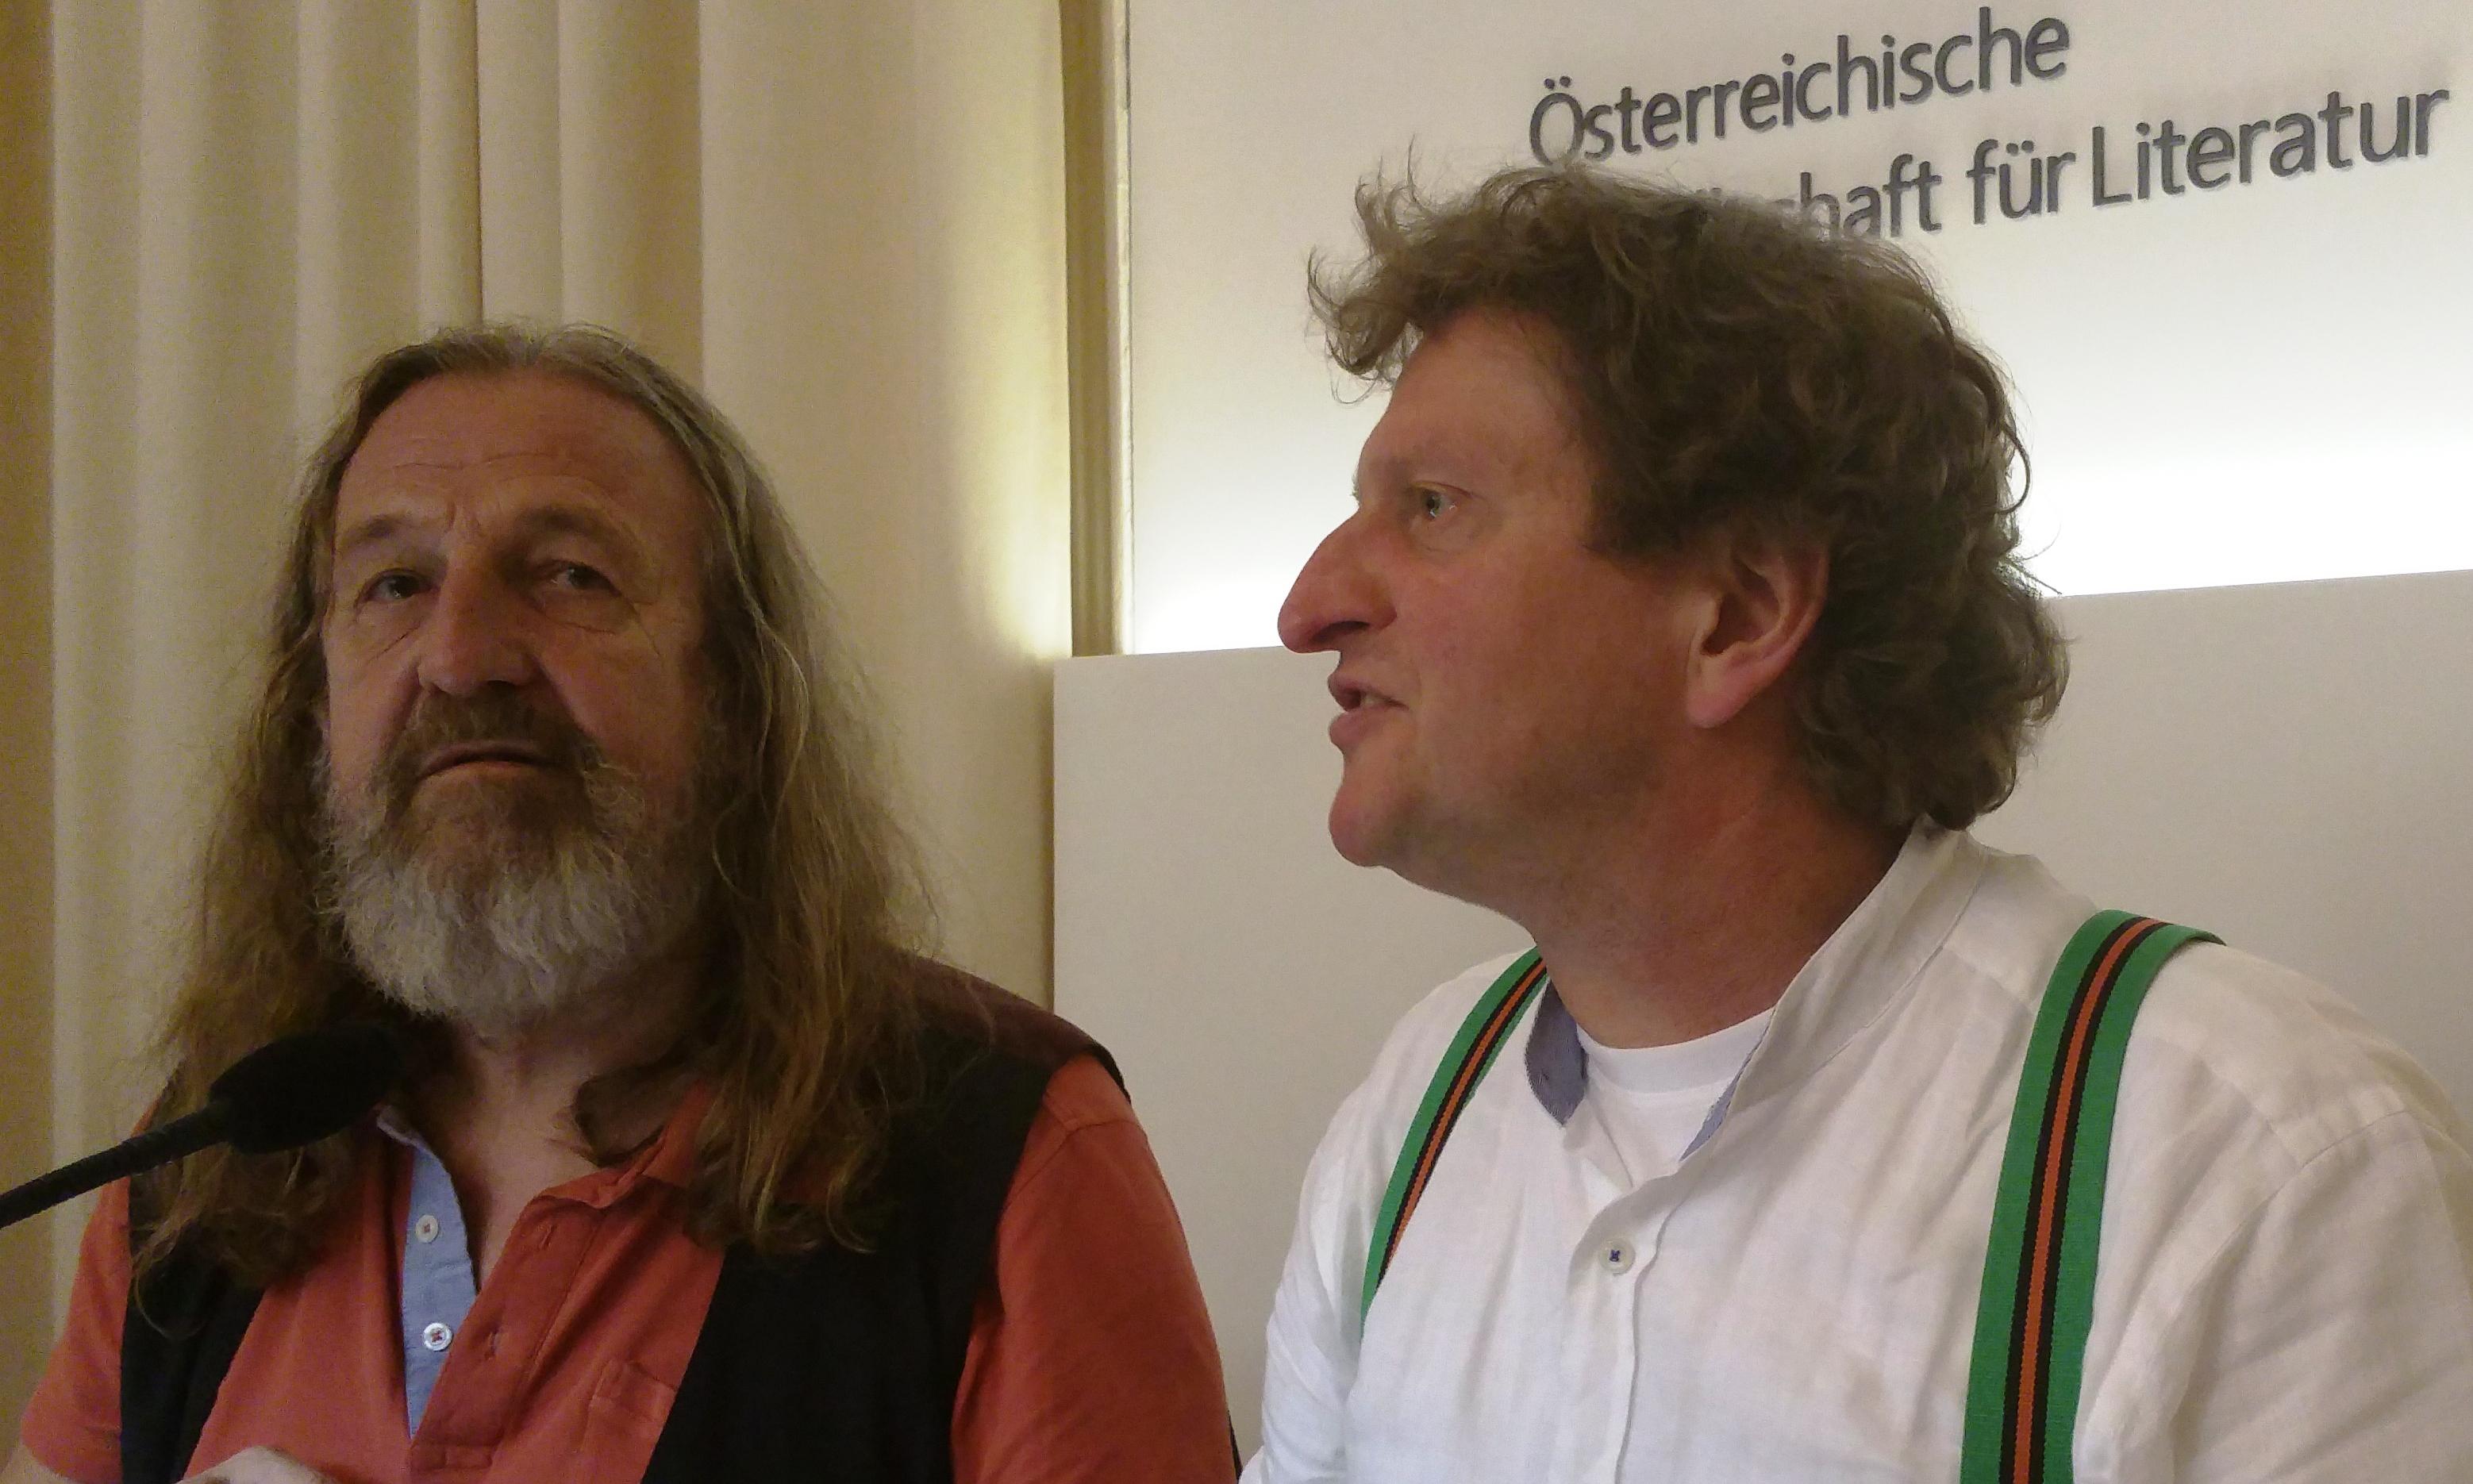 Manfred Chobot und Anton G. Leitner in Wien